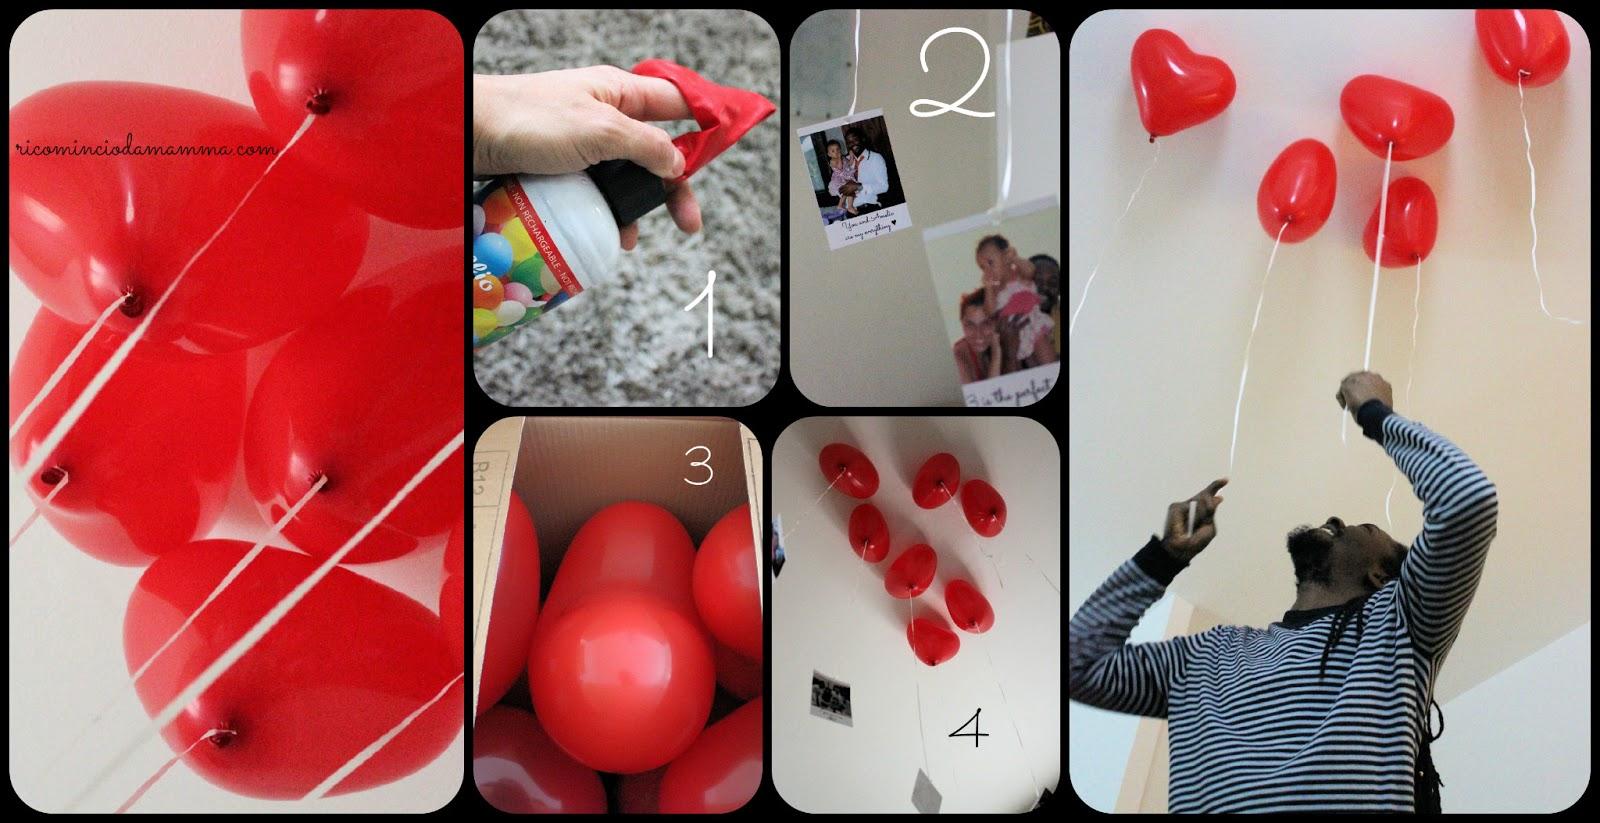 Preferenza La migliore Sorpresa Amore Idee e immagini di ispirazione | ezsrc  OC69